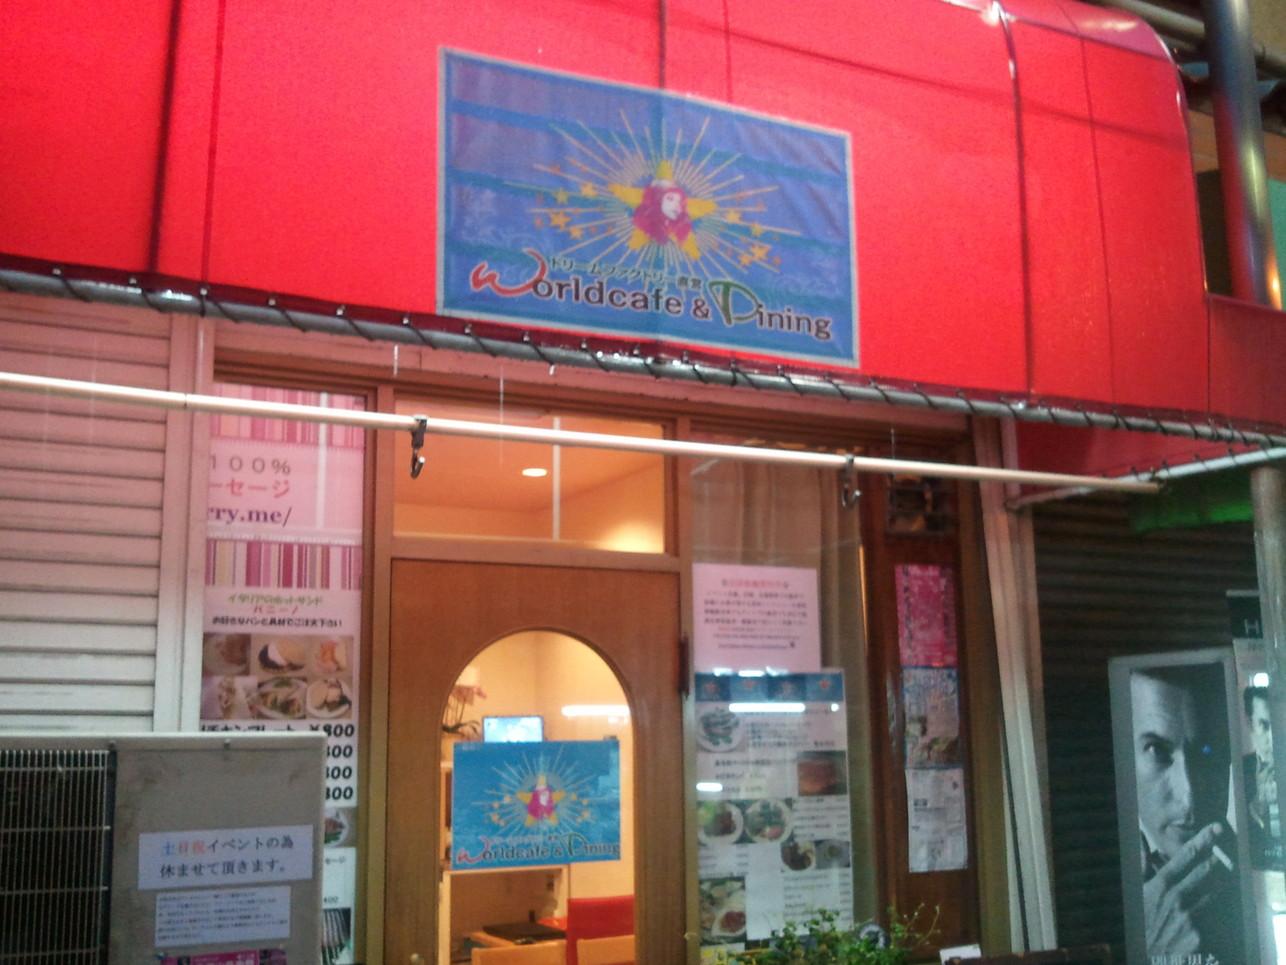 ワールドカフェ&ダイニング 天下茶屋店